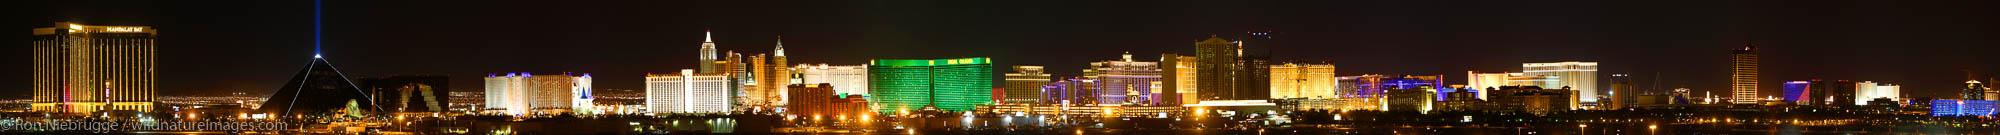 Panoramic of the Las Vegas Strip at night, Nevada.